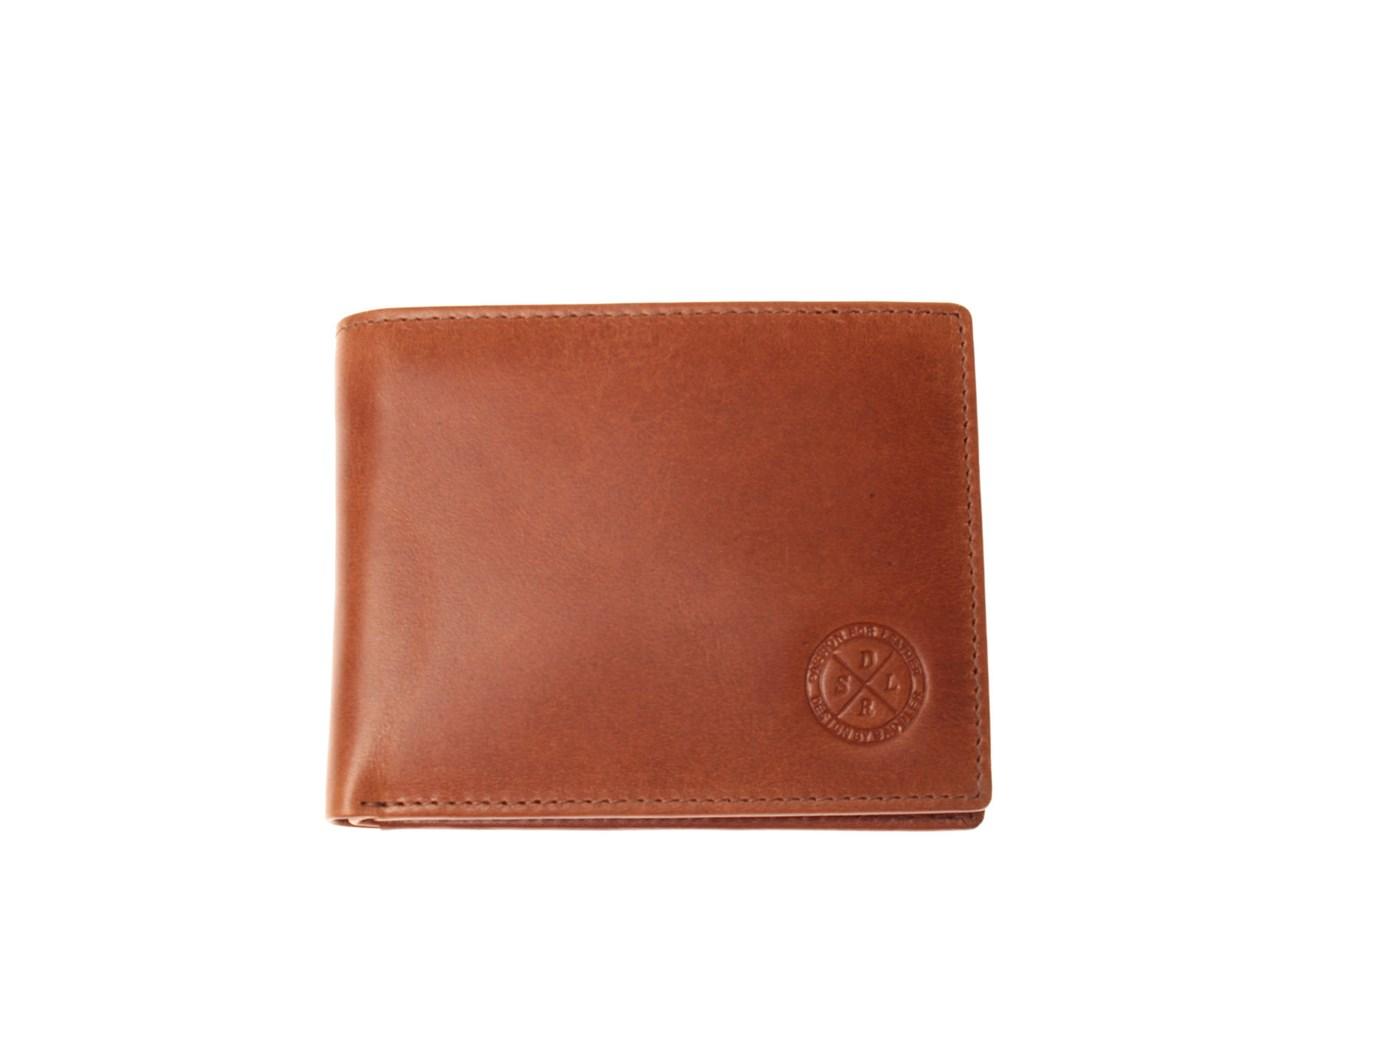 10814 TL140814 TL140801 TL140817. saddler sdlr plånbok leon 10814 italienska  väskbutiken 7fe345daf80b4